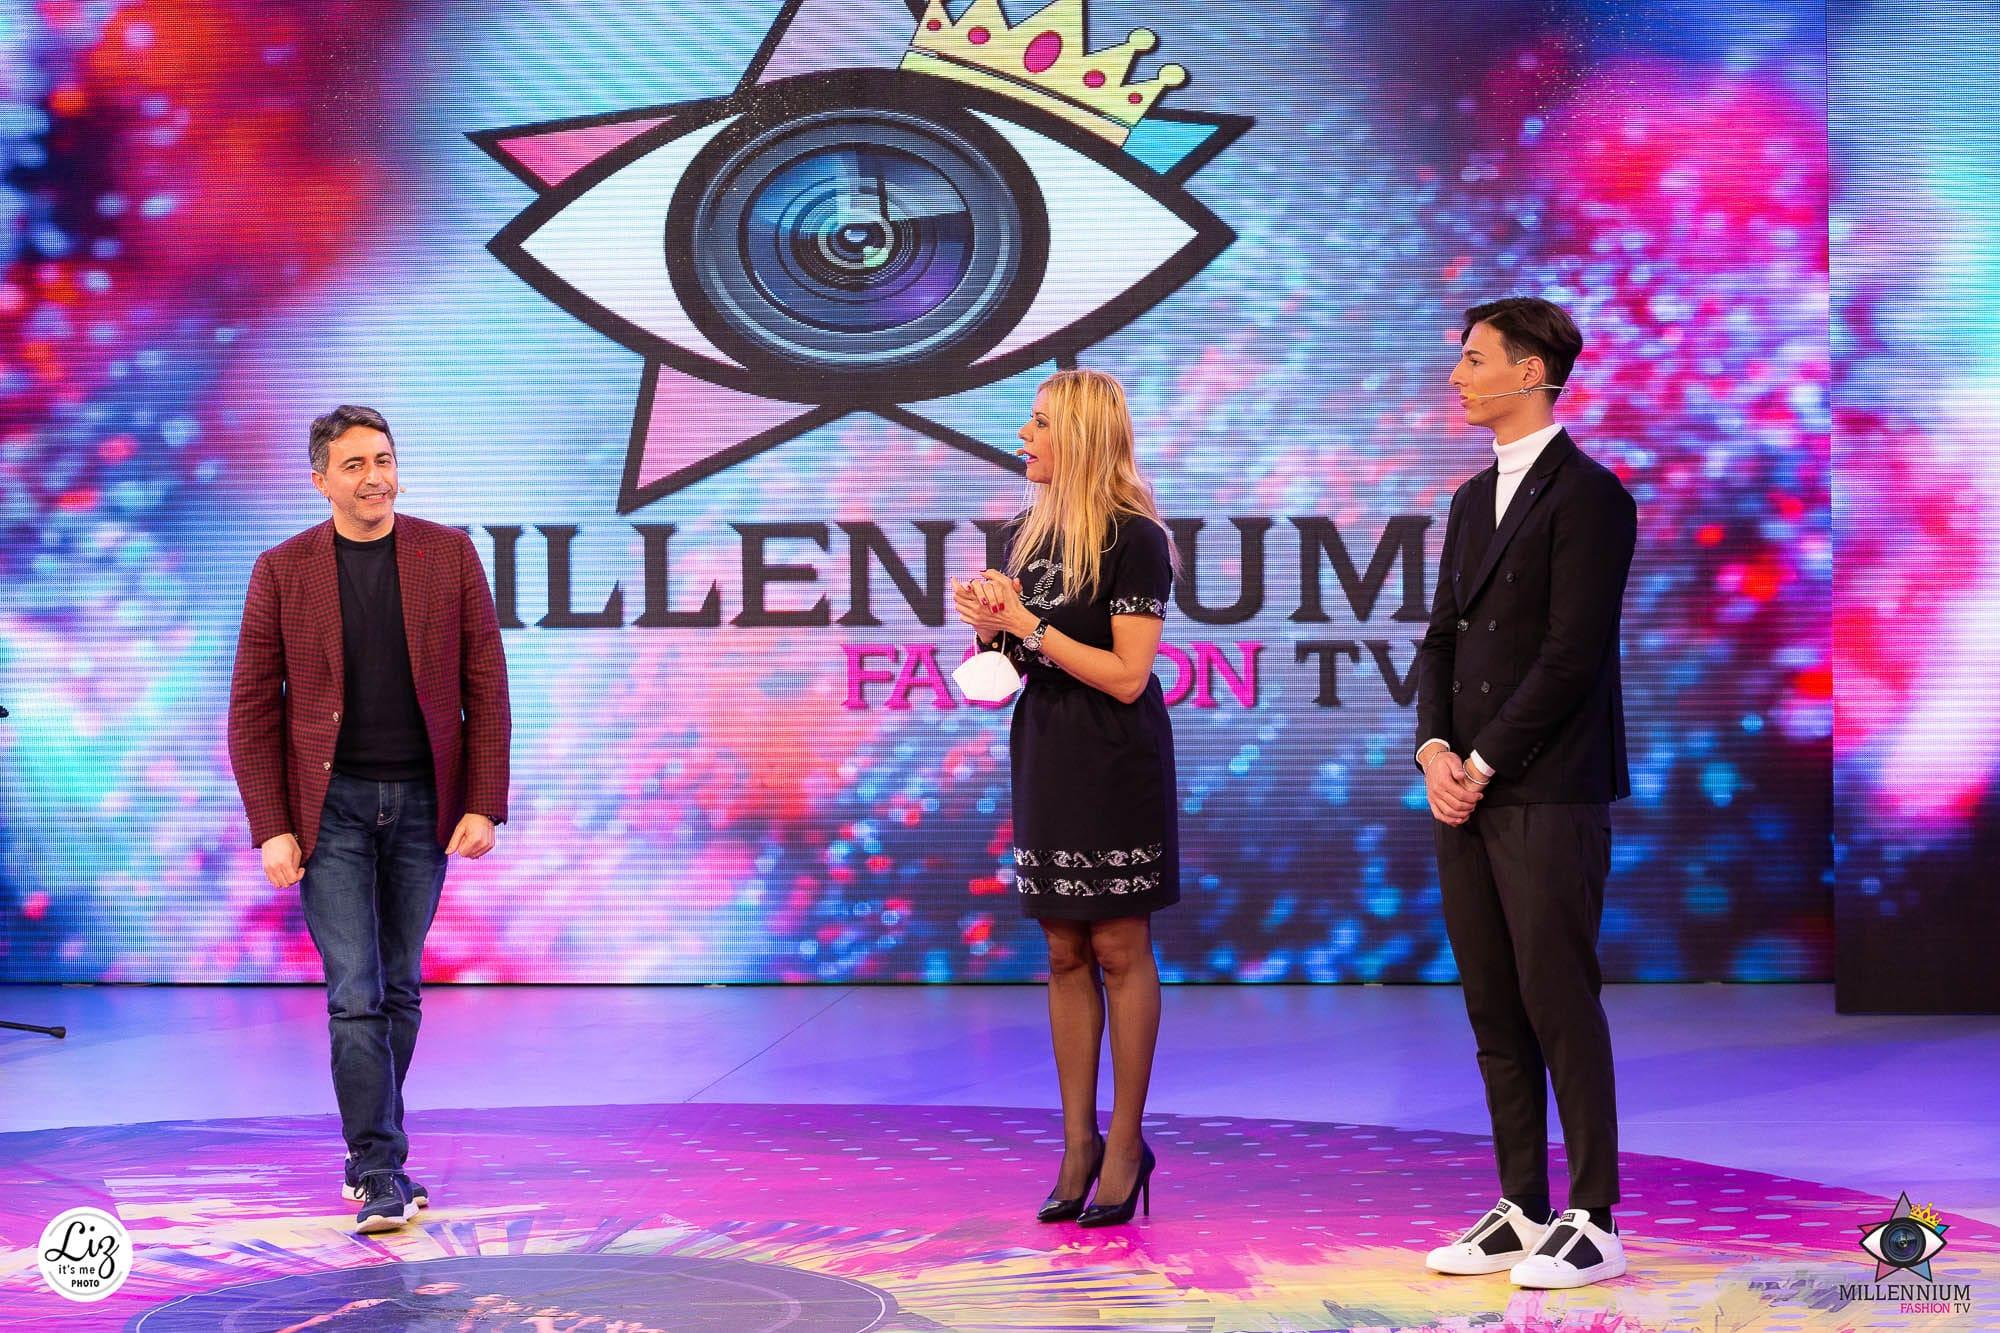 Millennium Fashion TV, tra gli ospiti anche l'attore Corrado Oddi